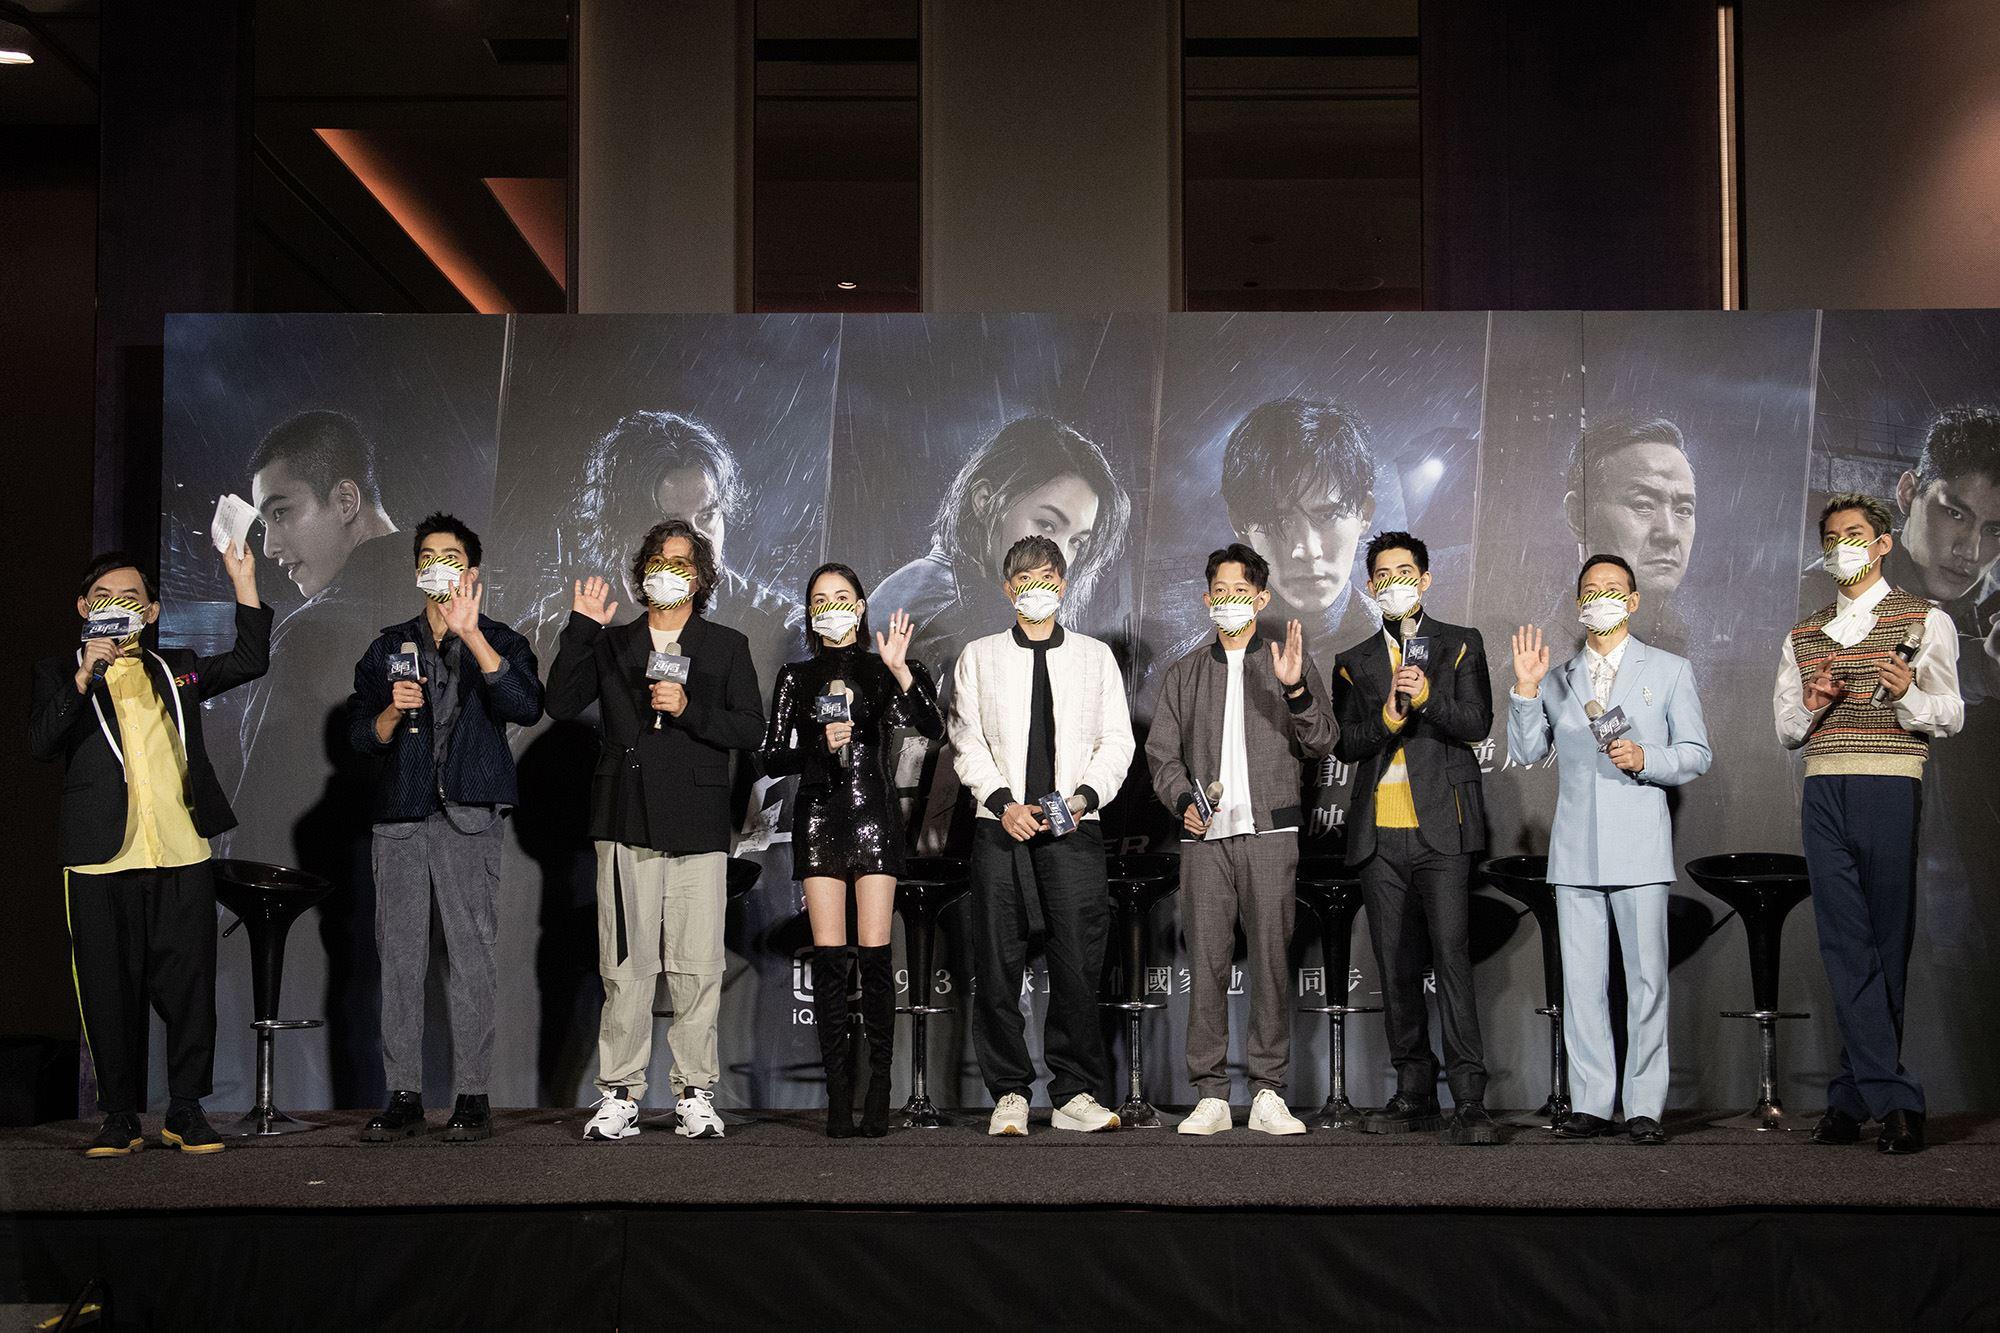 爱奇艺原创剧集《逆局》9月3日全球首播